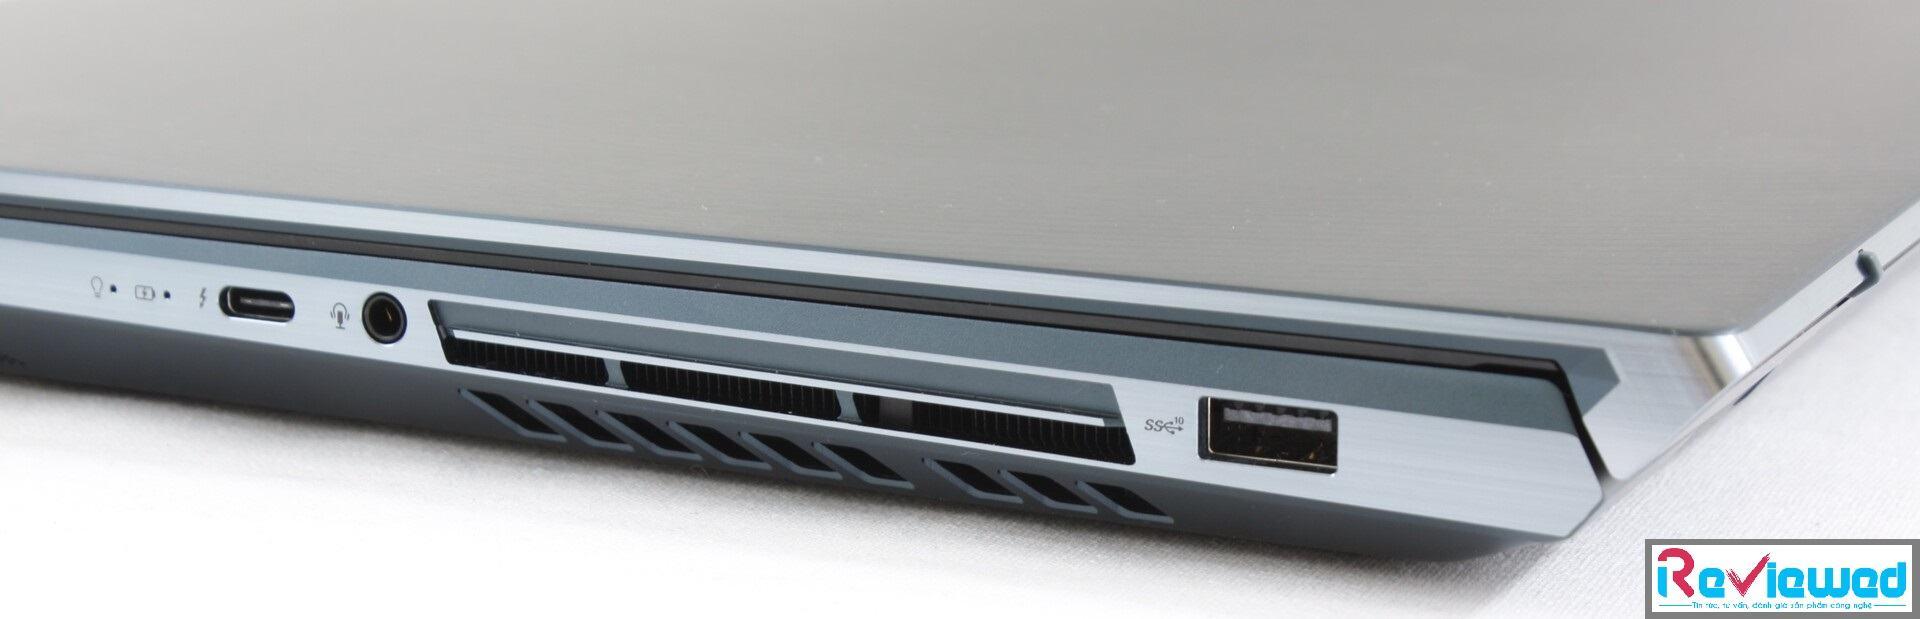 laptop 2 màn hình Asus ZenBook Pro Duo